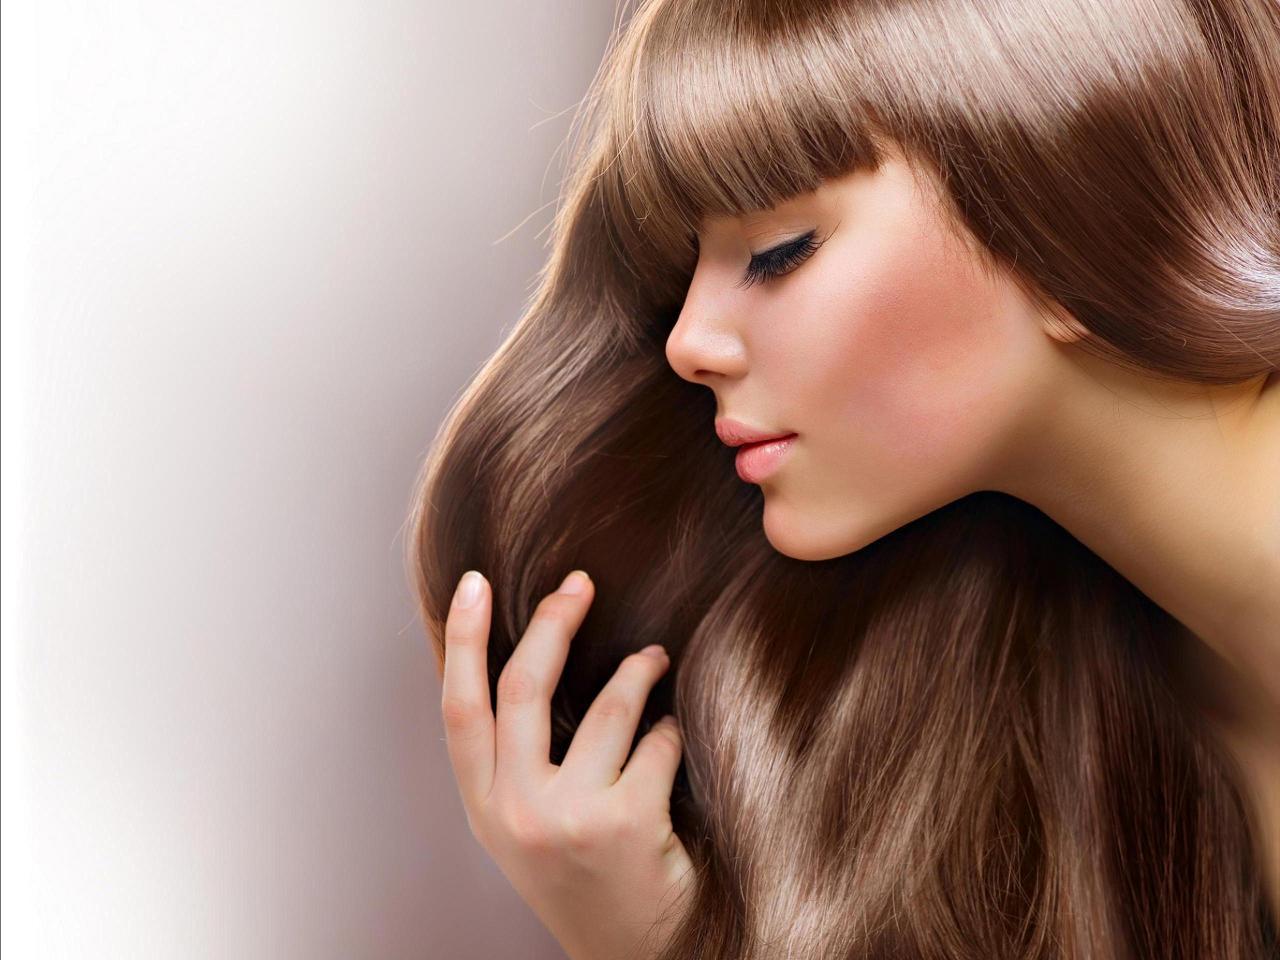 مراحل رشد مو چگونه است؟